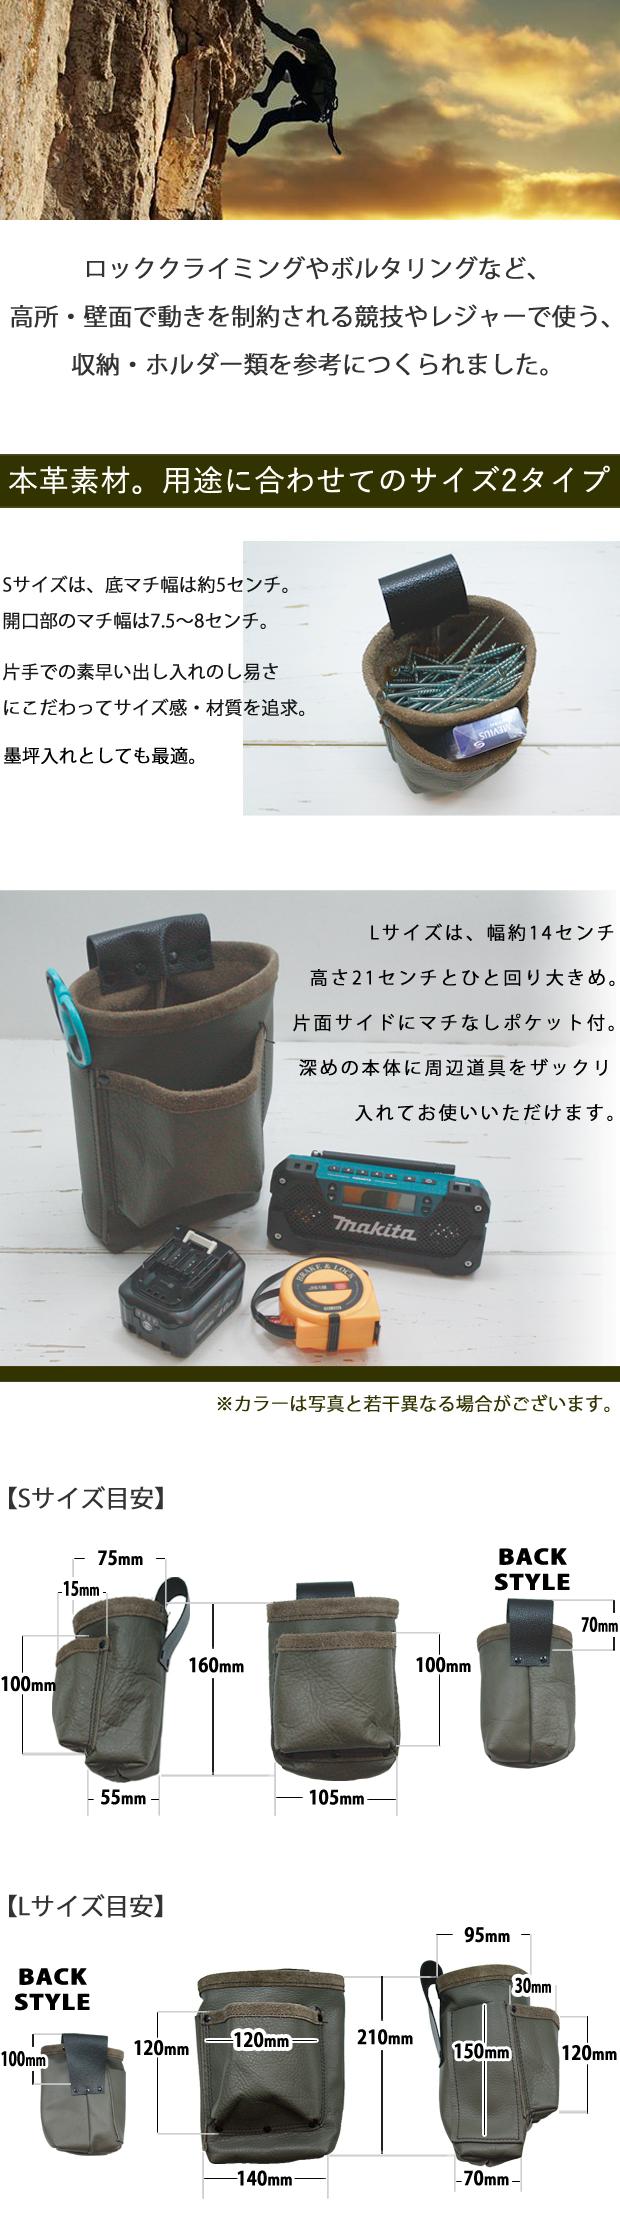 【TOOL-LAB.】本革ビス袋(アイビーグレイ)